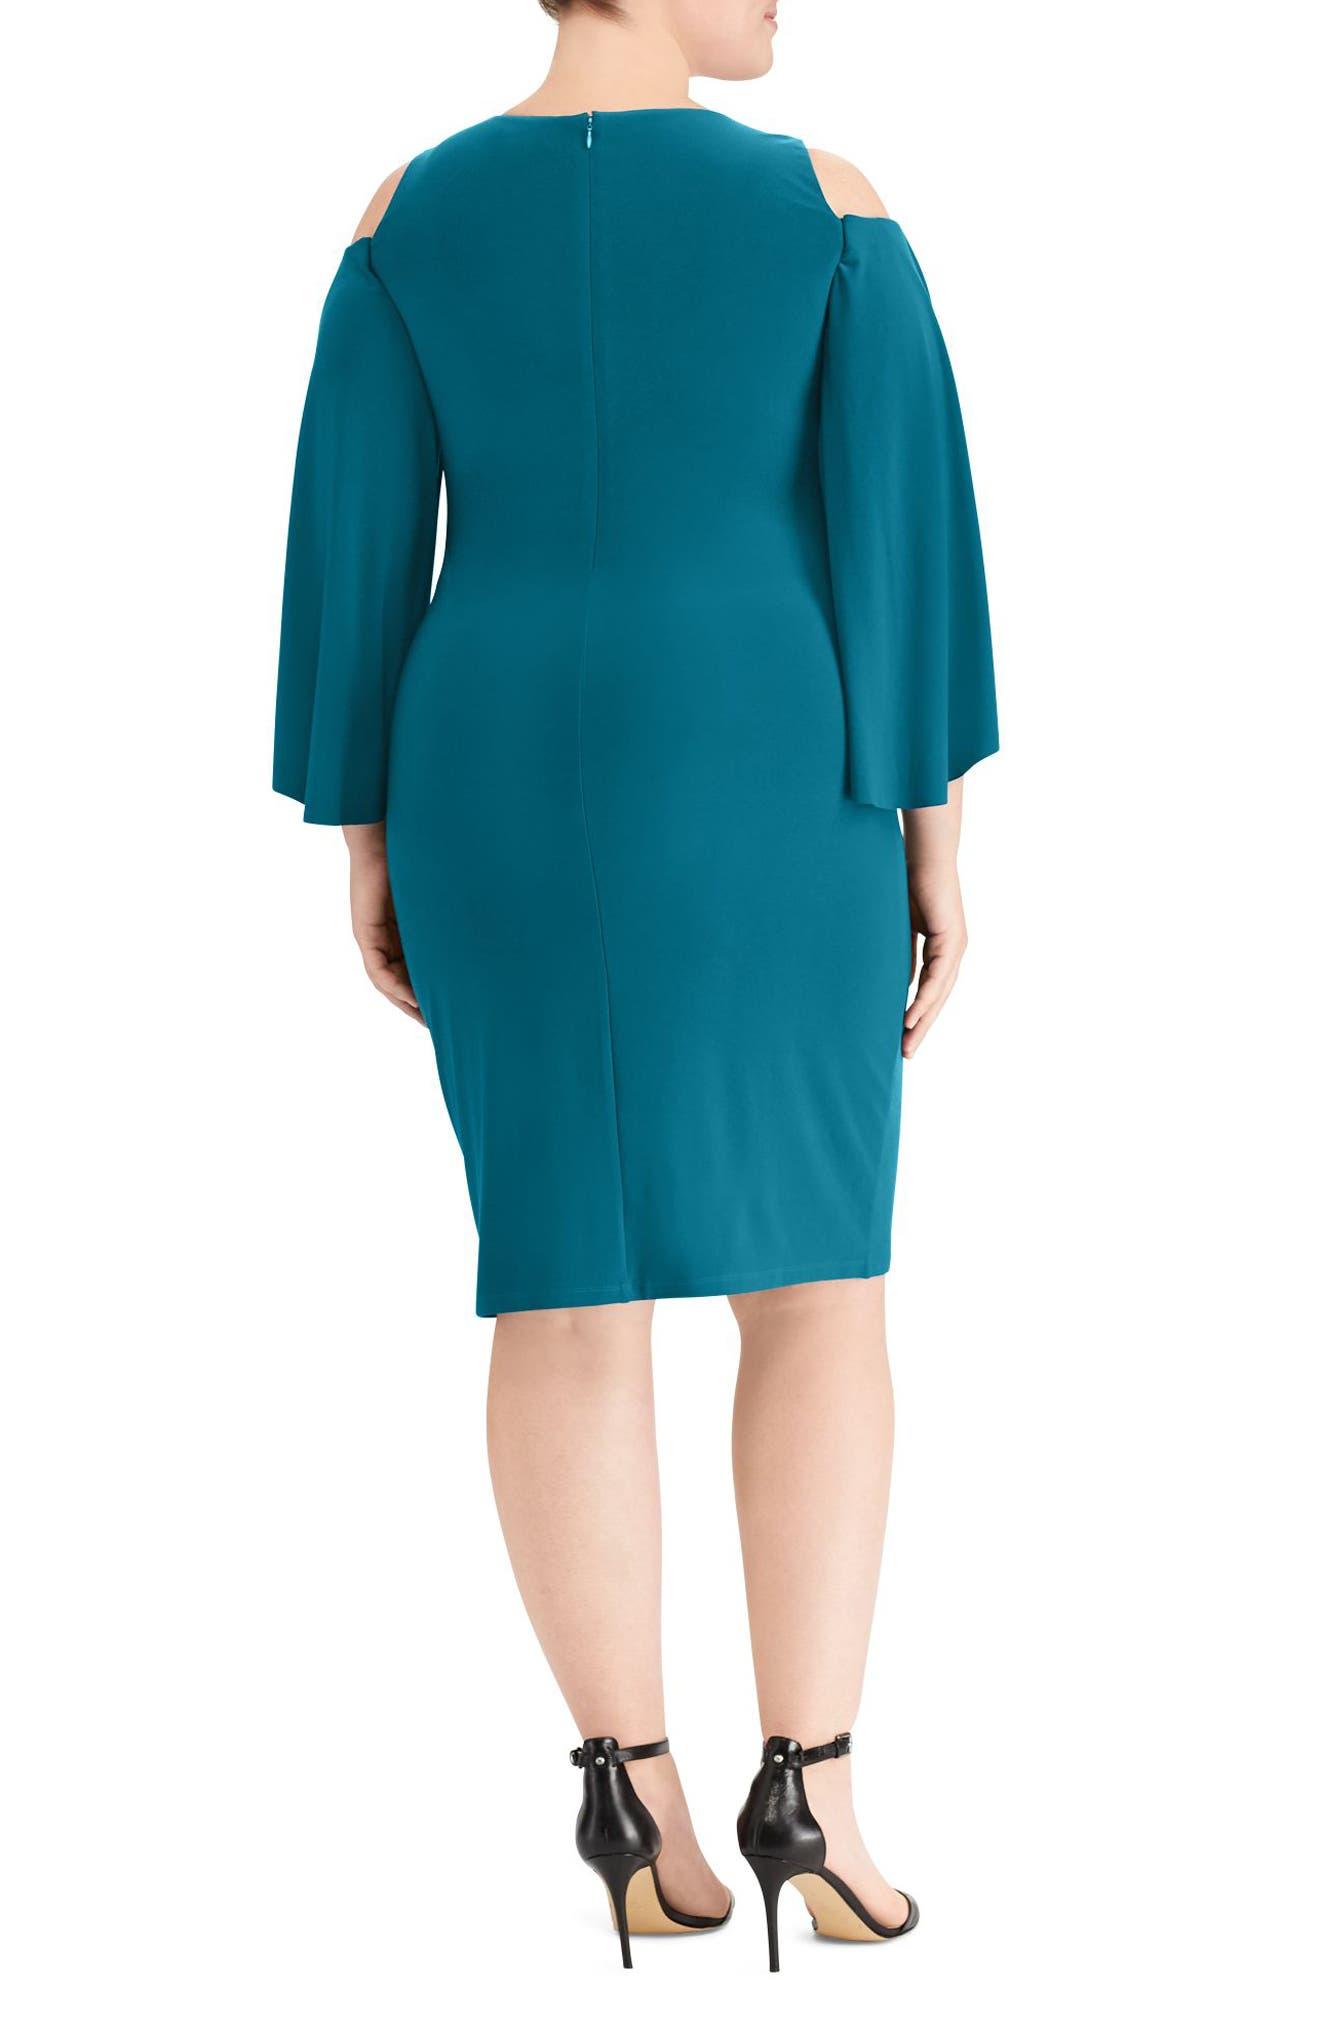 Debbie Cold-Shoulder Dress,                             Alternate thumbnail 2, color,                             340